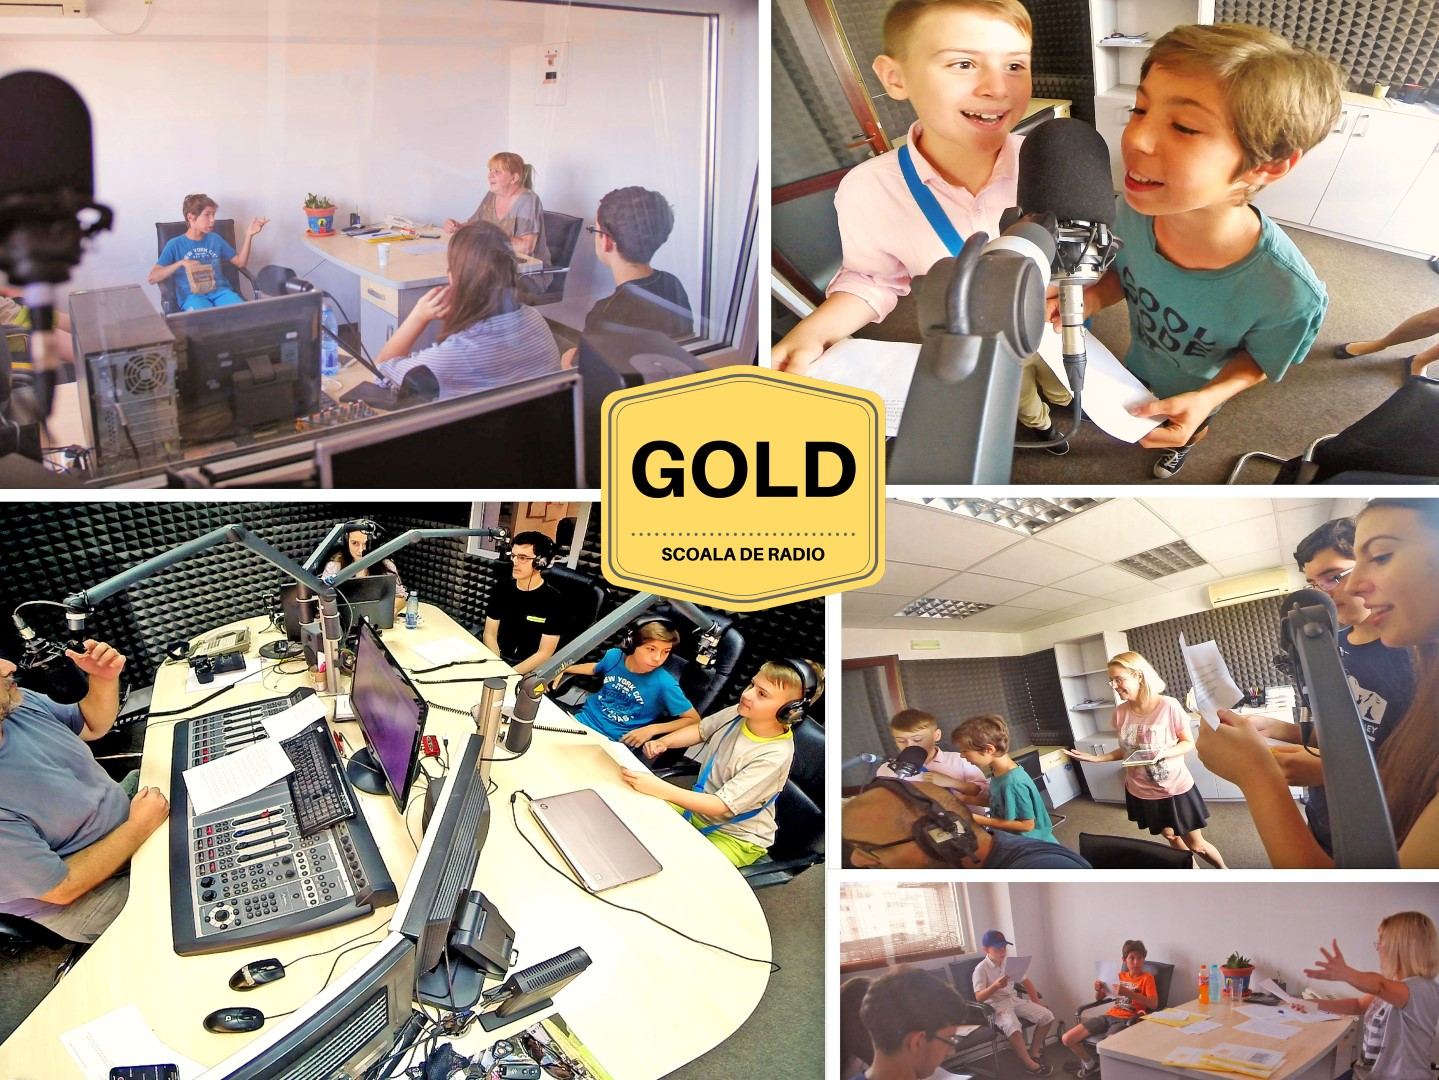 Un nou modul de ateliere radio la Scoala GOLD